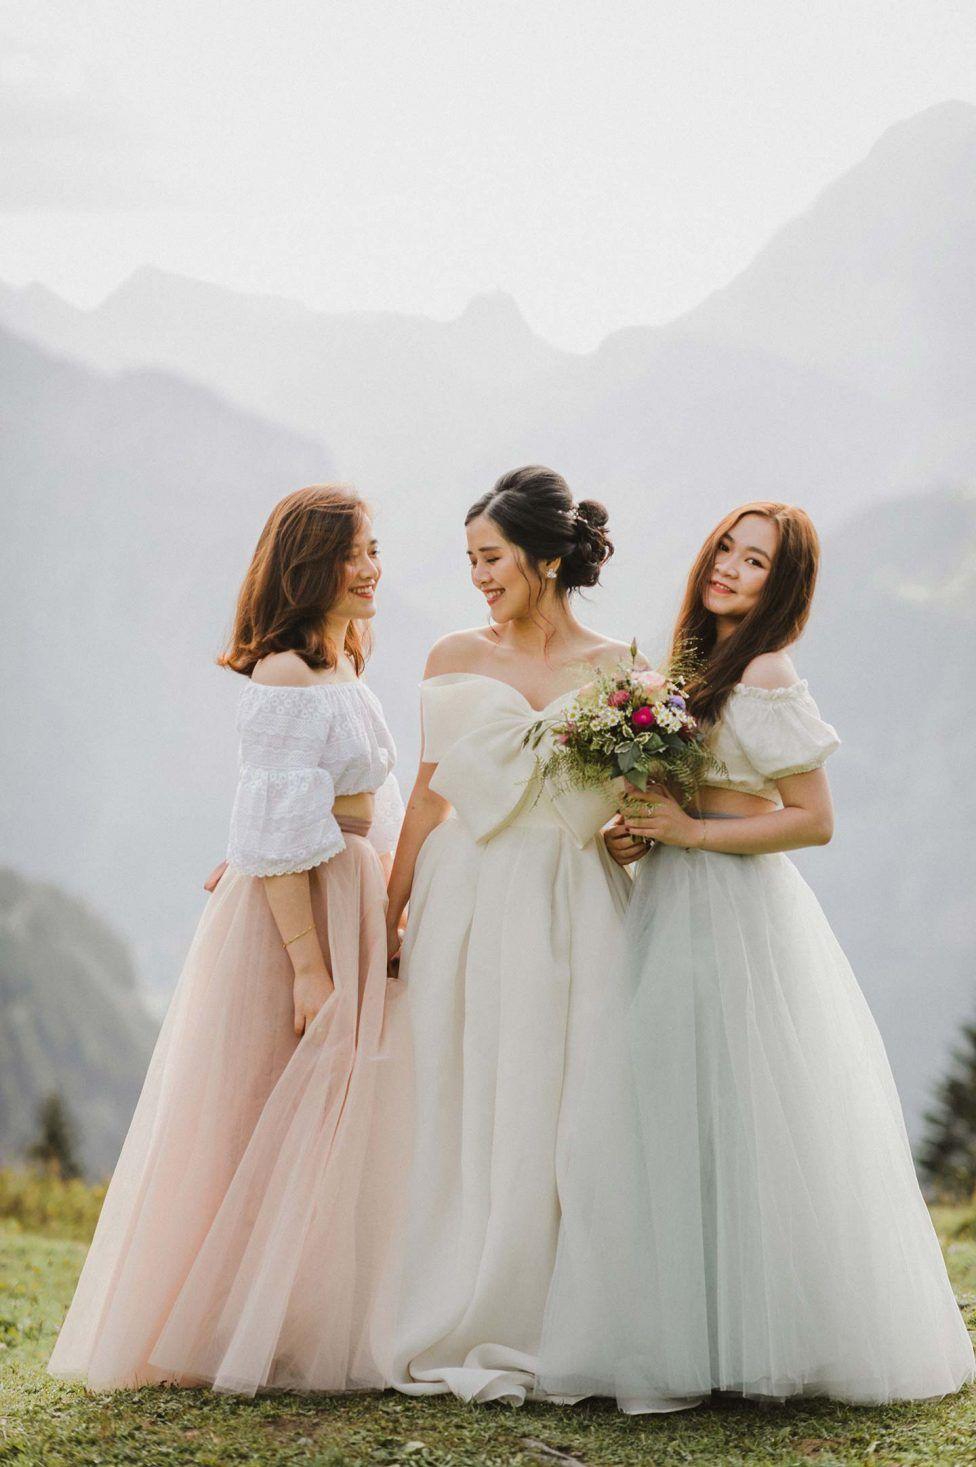 Chi Sam Romantische Sommerhochzeit Am Blausee Fotografie Caroline Dyer Smith Blumenmadchen Kleid Sommerhochzeit Hochzeit